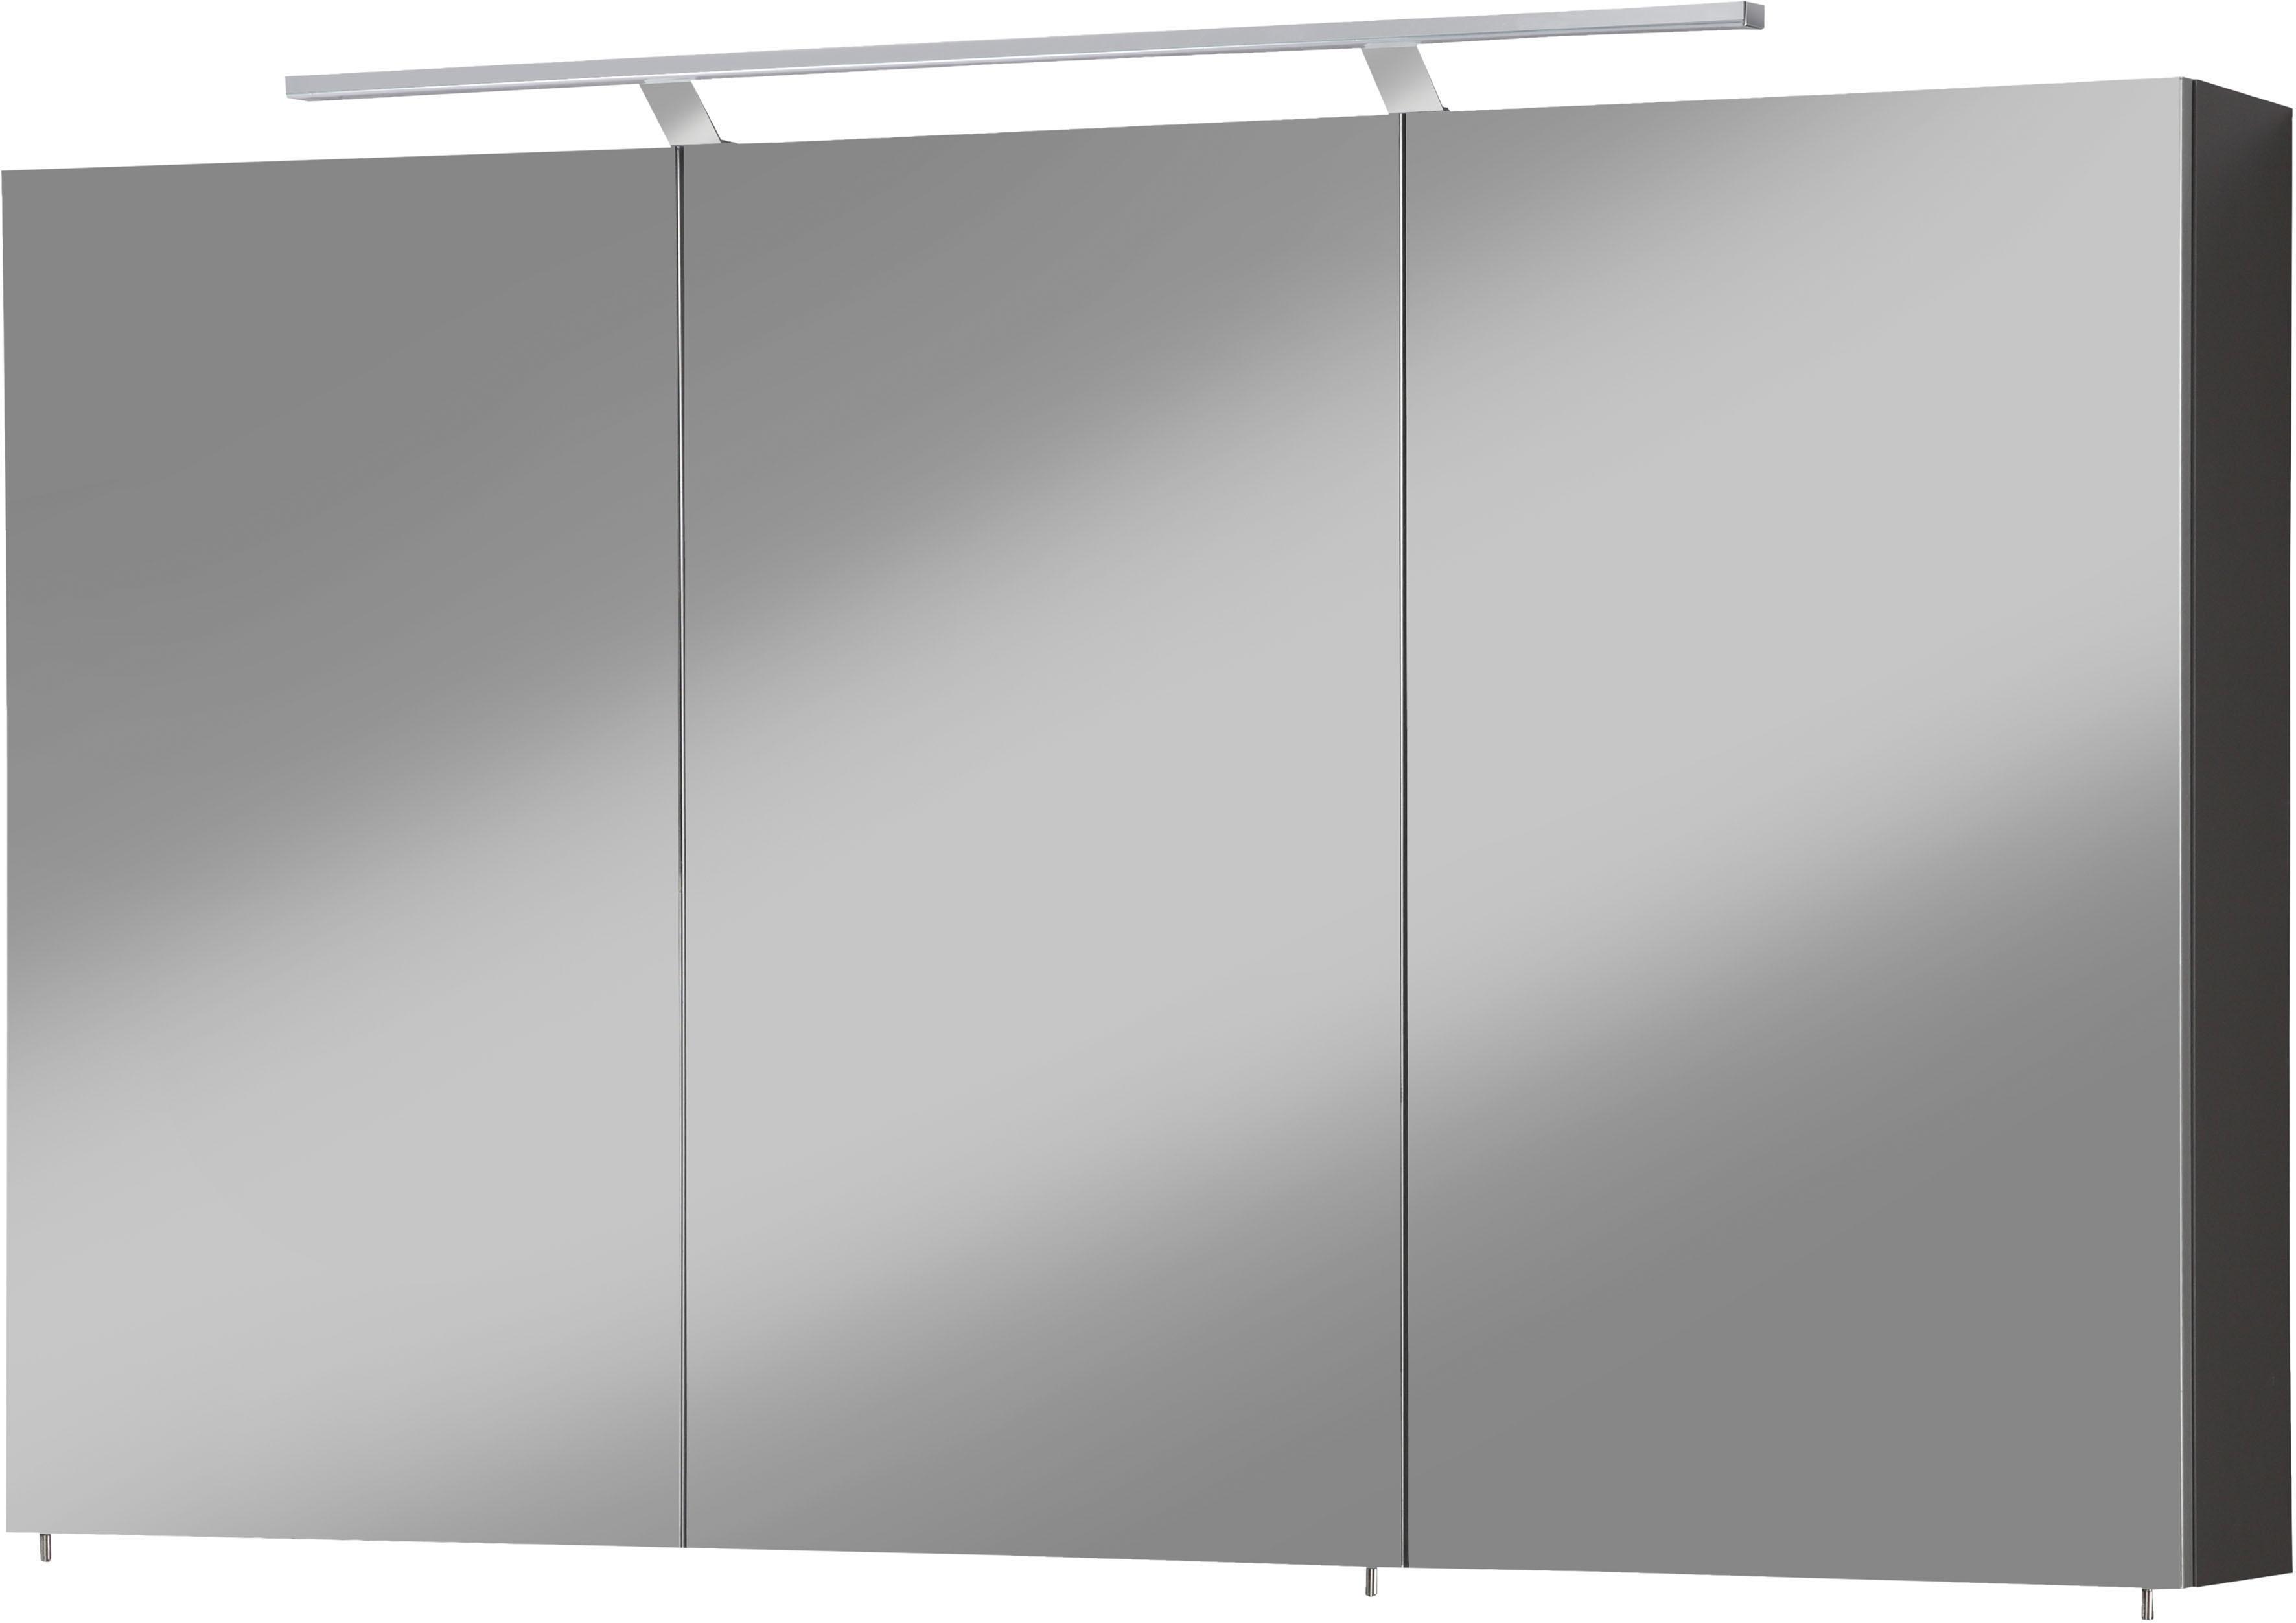 Schildmeyer Spiegelschrank Torino | Bad > Badmöbel > Spiegelschränke fürs Bad | Schildmeyer